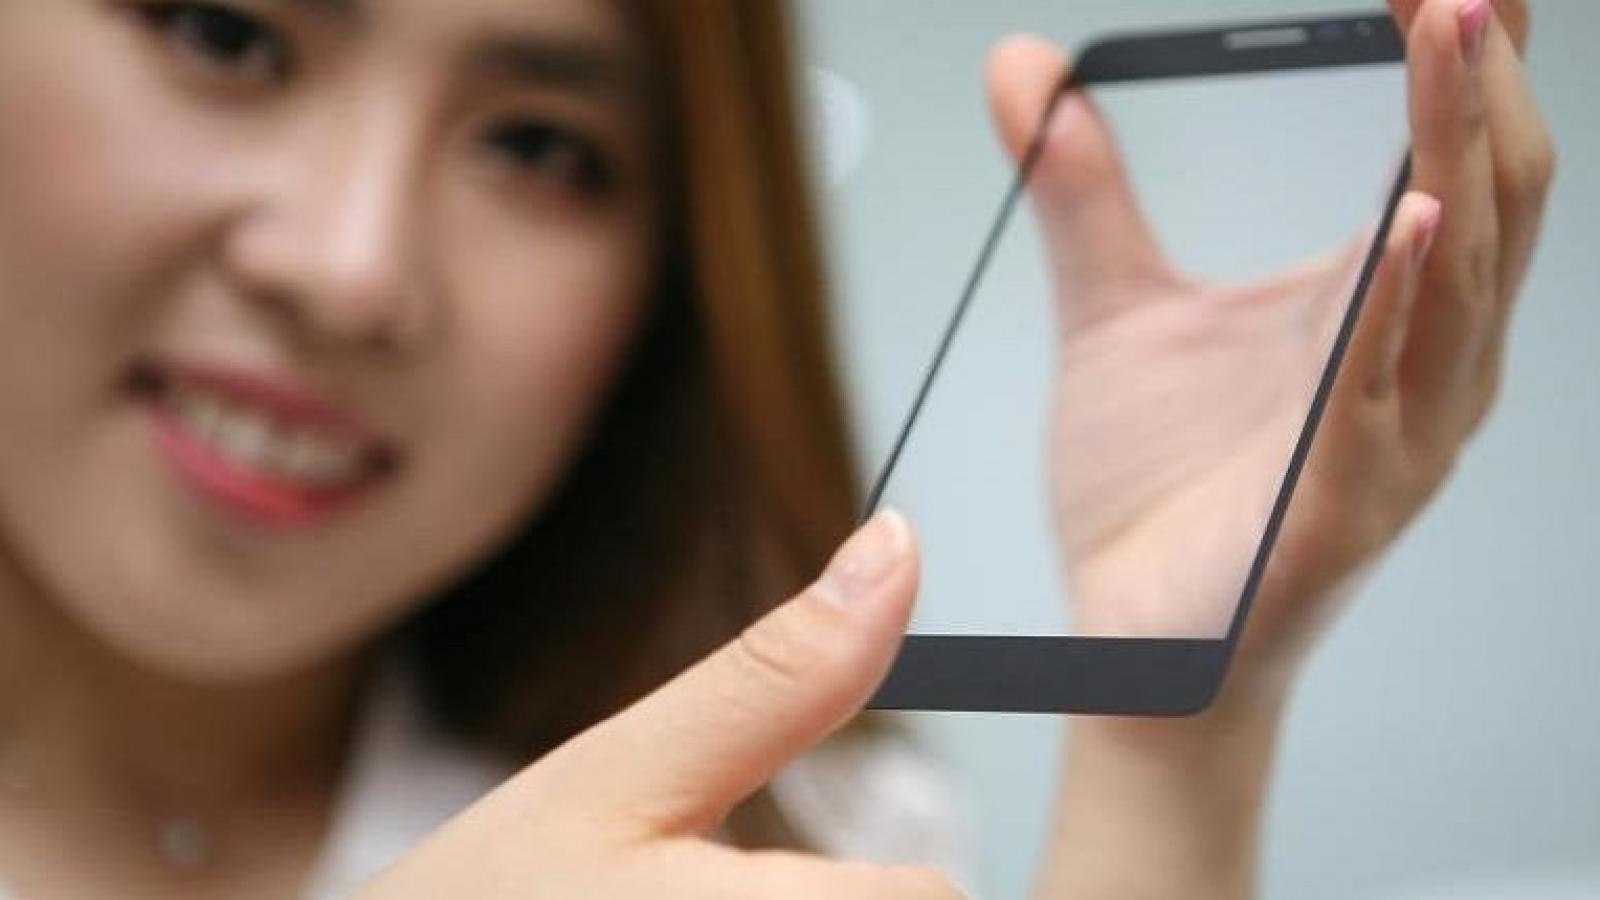 LG fingerprint sensor